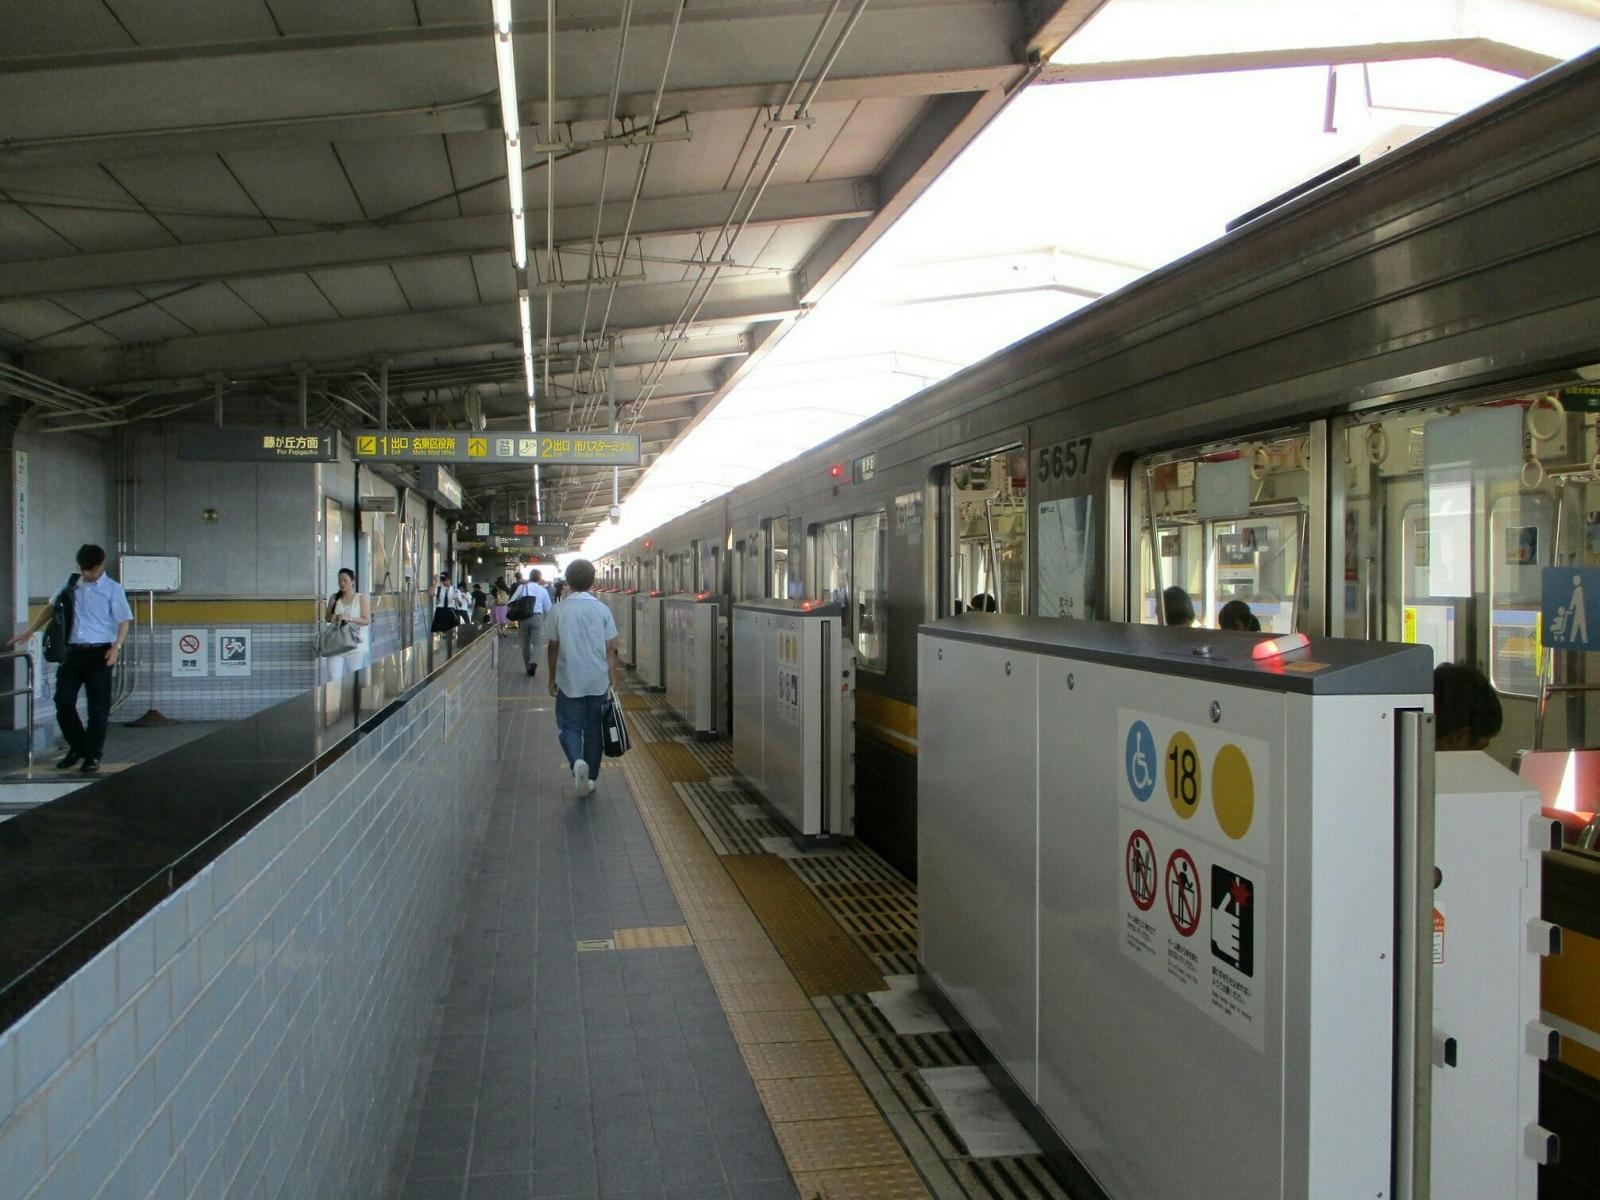 2018.8.27 (50) 本郷 - 藤が丘いき 1600-1200